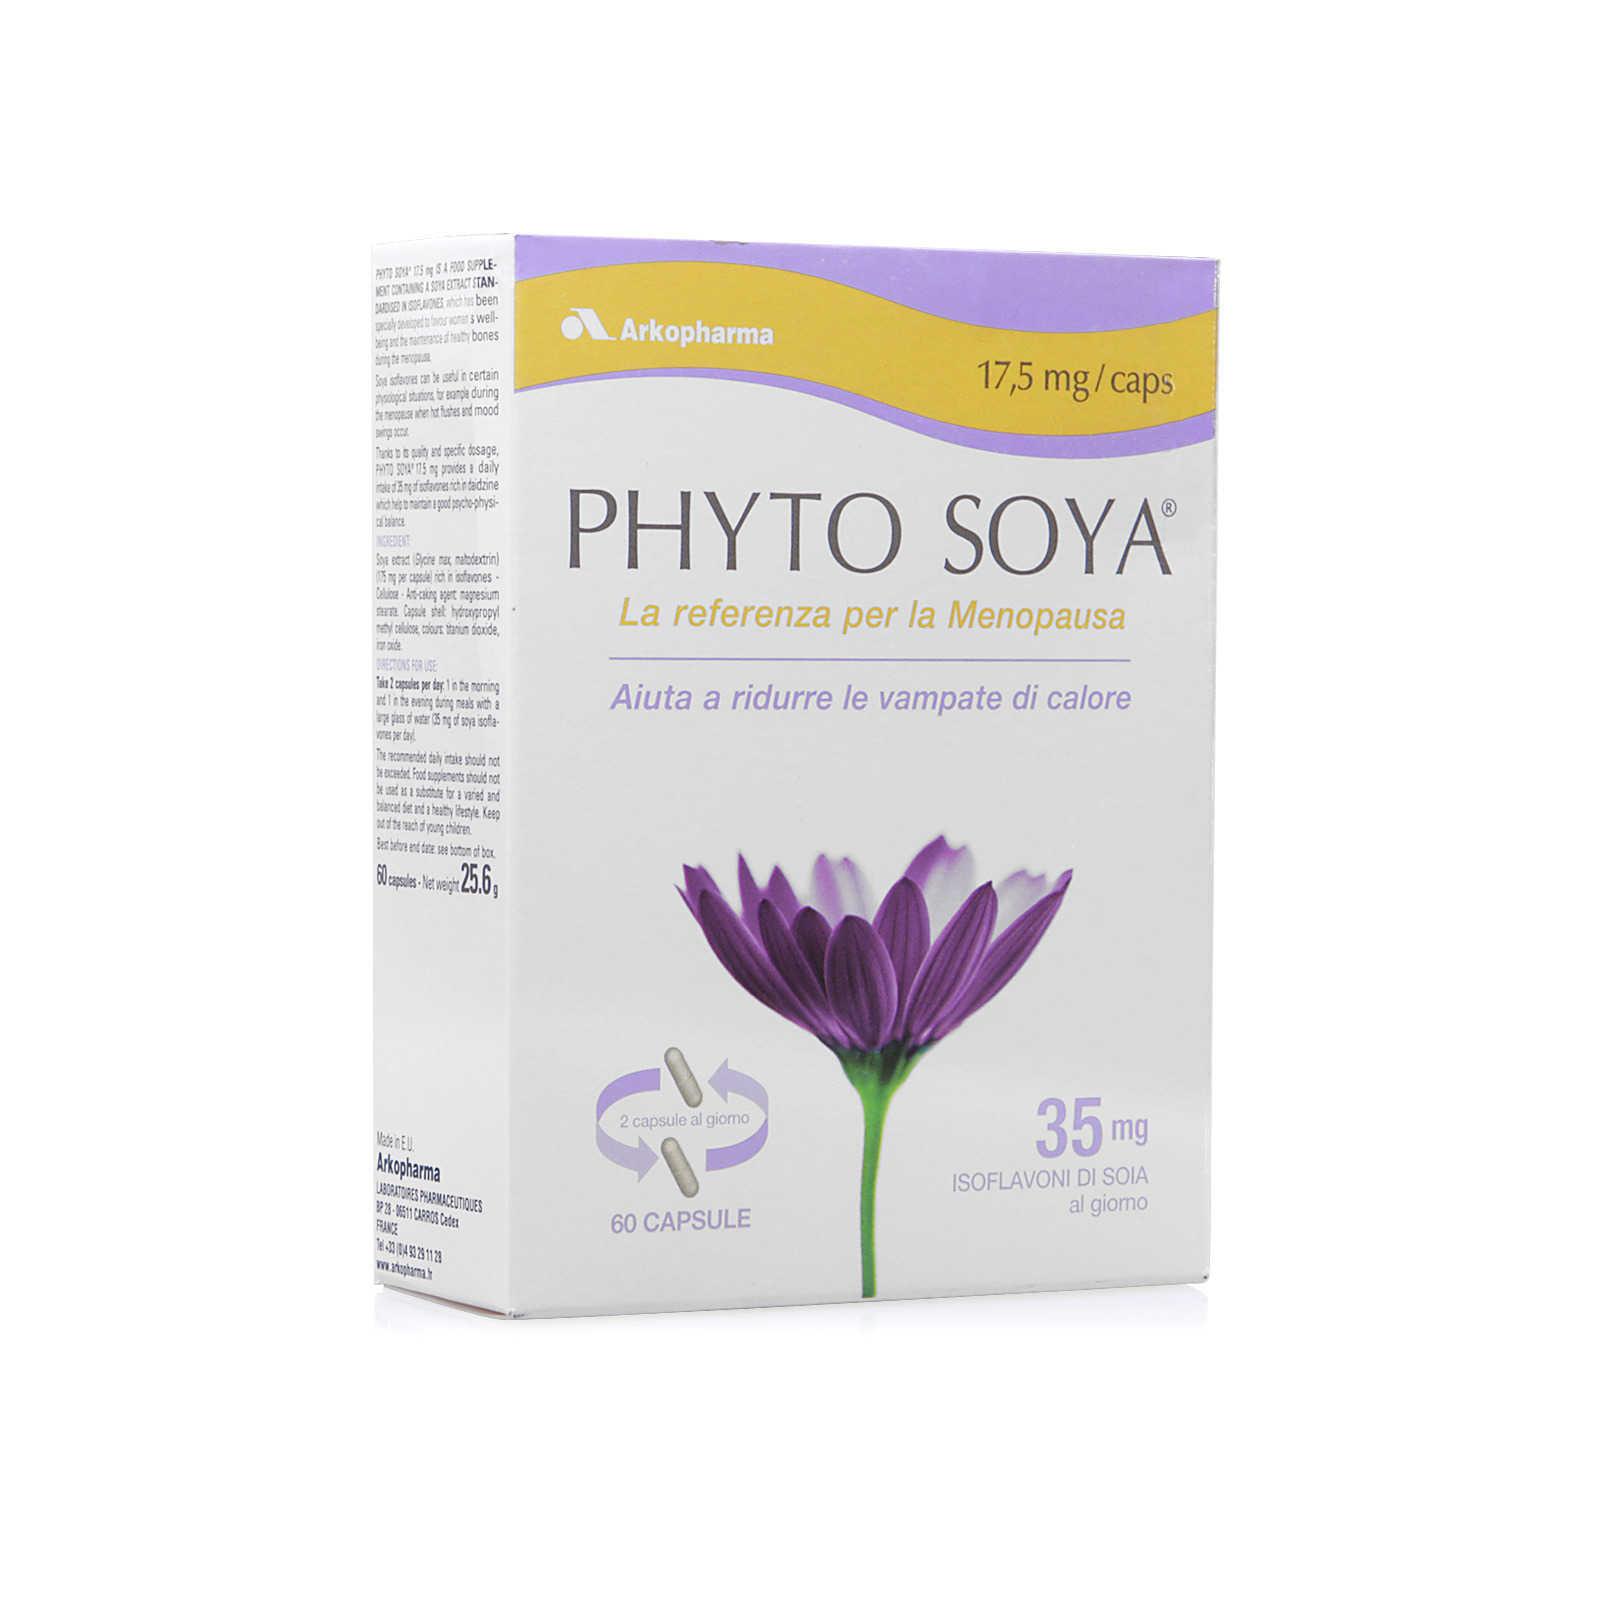 Arkofarm - Phyto Soya - 17,5 mg